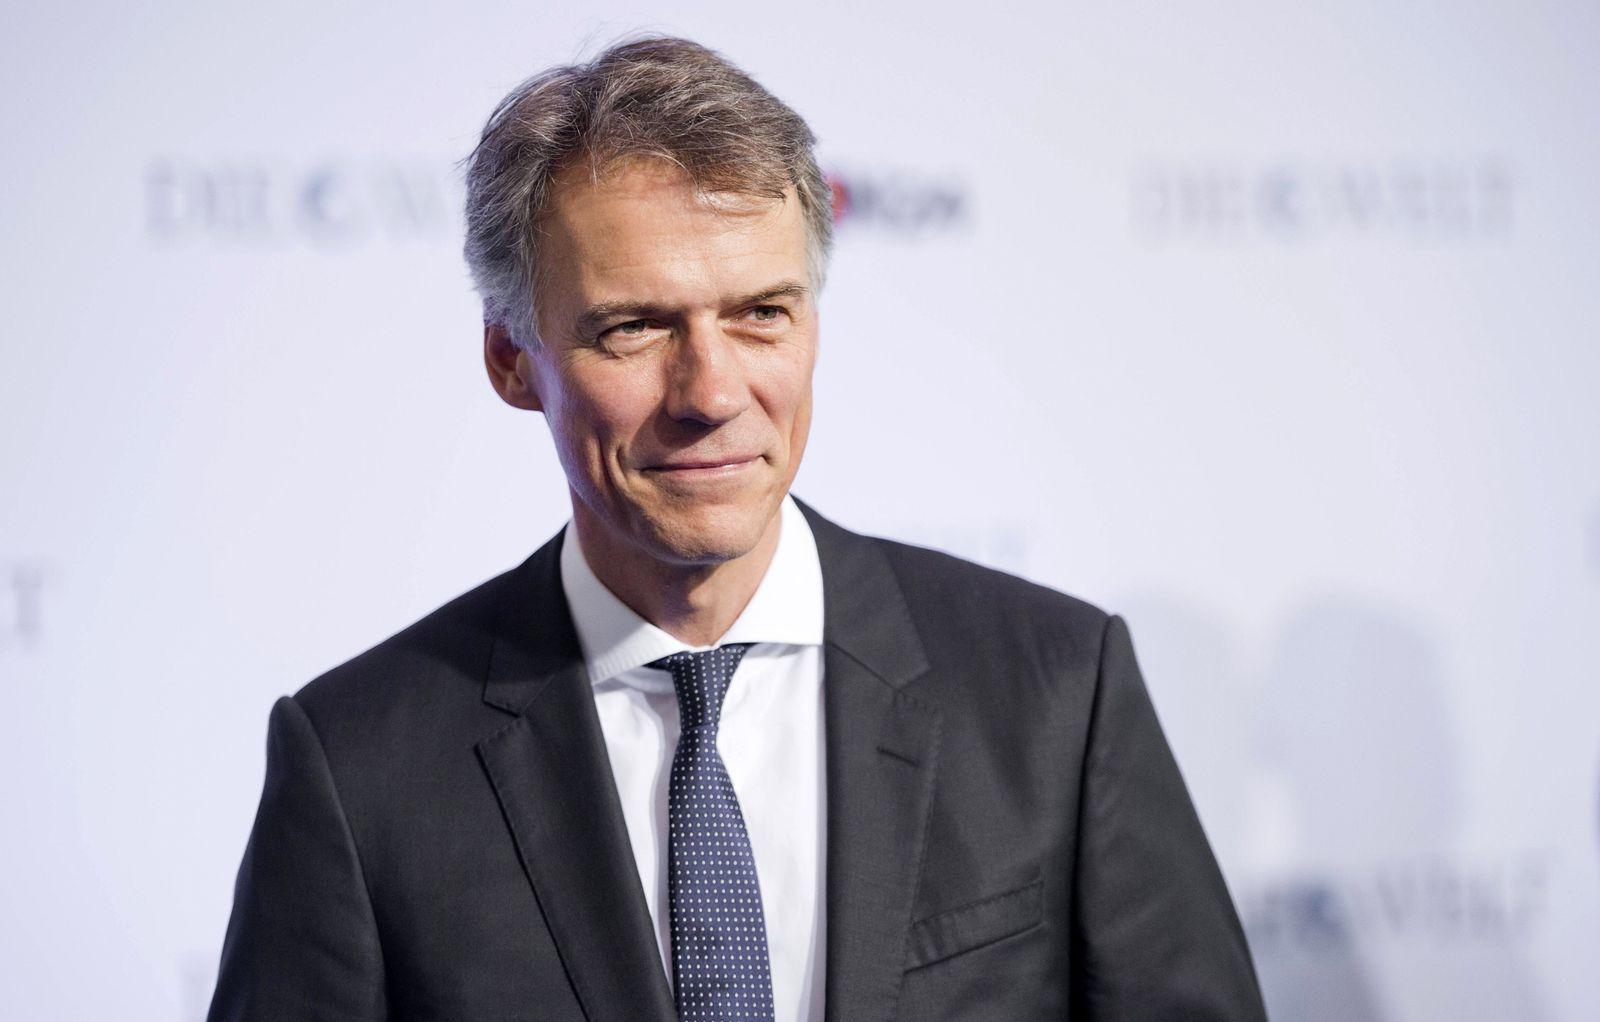 Claus-Dietrich Lahrs, Vorstandsvorsitzender von Hugo Boss beim Wirtschaftsgipfel der Zeitung Welt, Berlin, 14.01.2015.